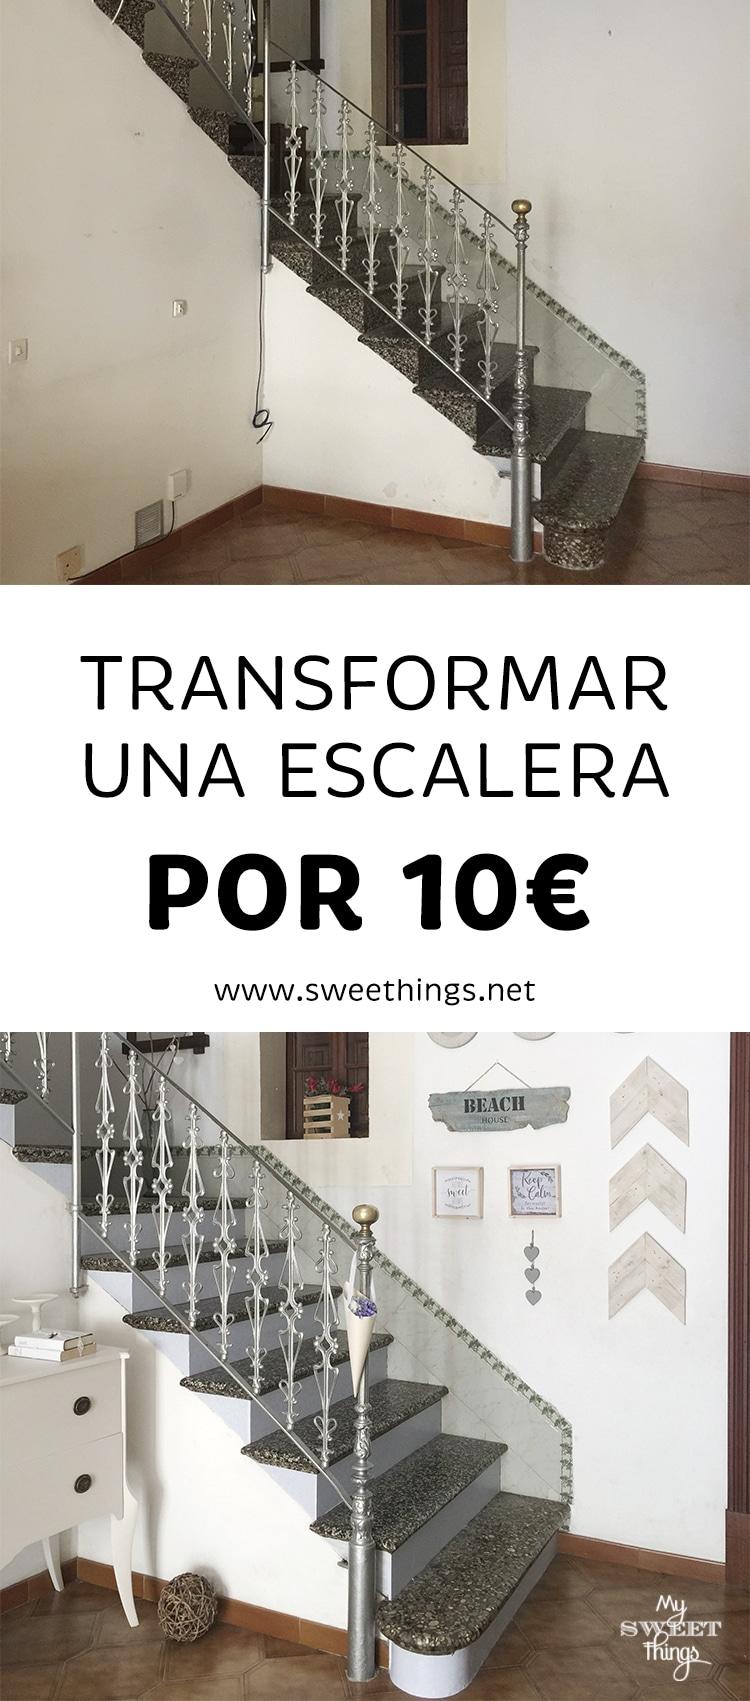 Como transformar una escalera por 10€ · Via www.sweethings.net